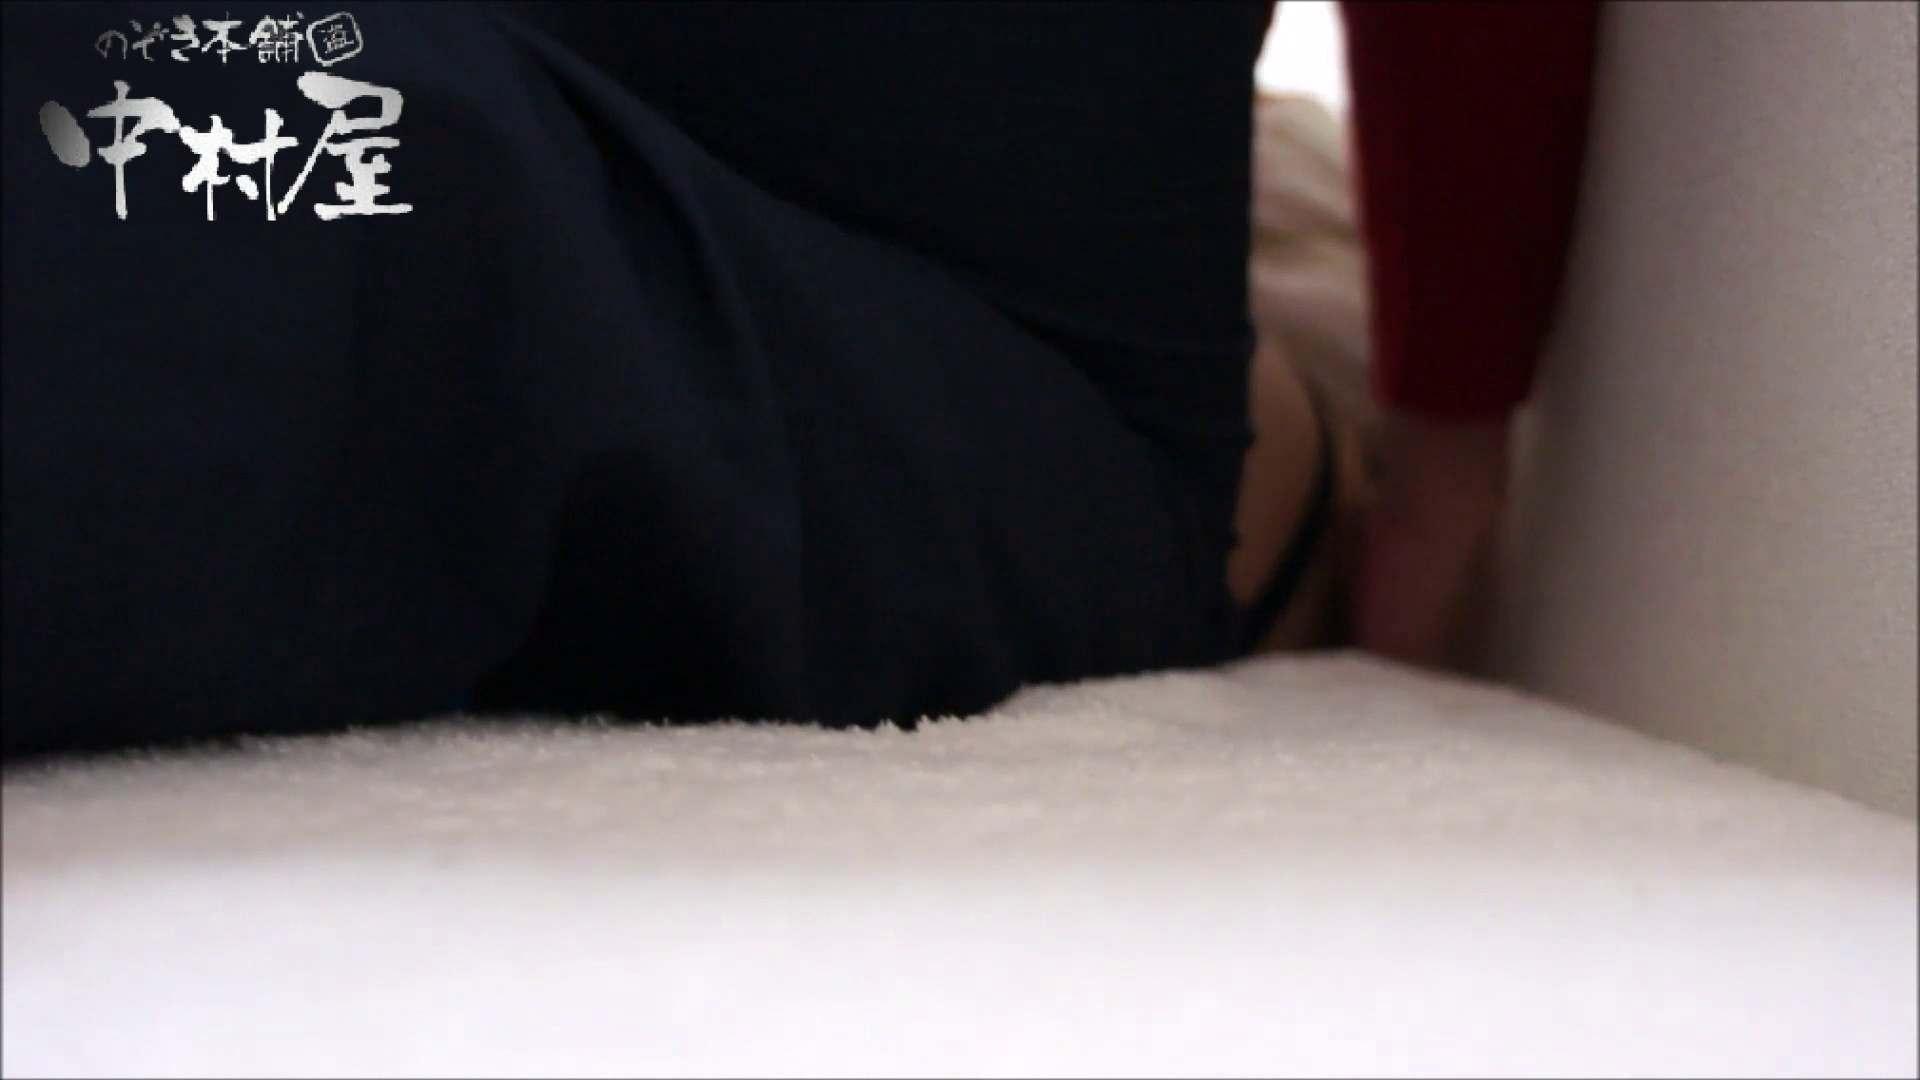 わが愛しき女良達よFile.104【未公開】3人一緒に・・・【れいか編】 覗き AV動画キャプチャ 105枚 78